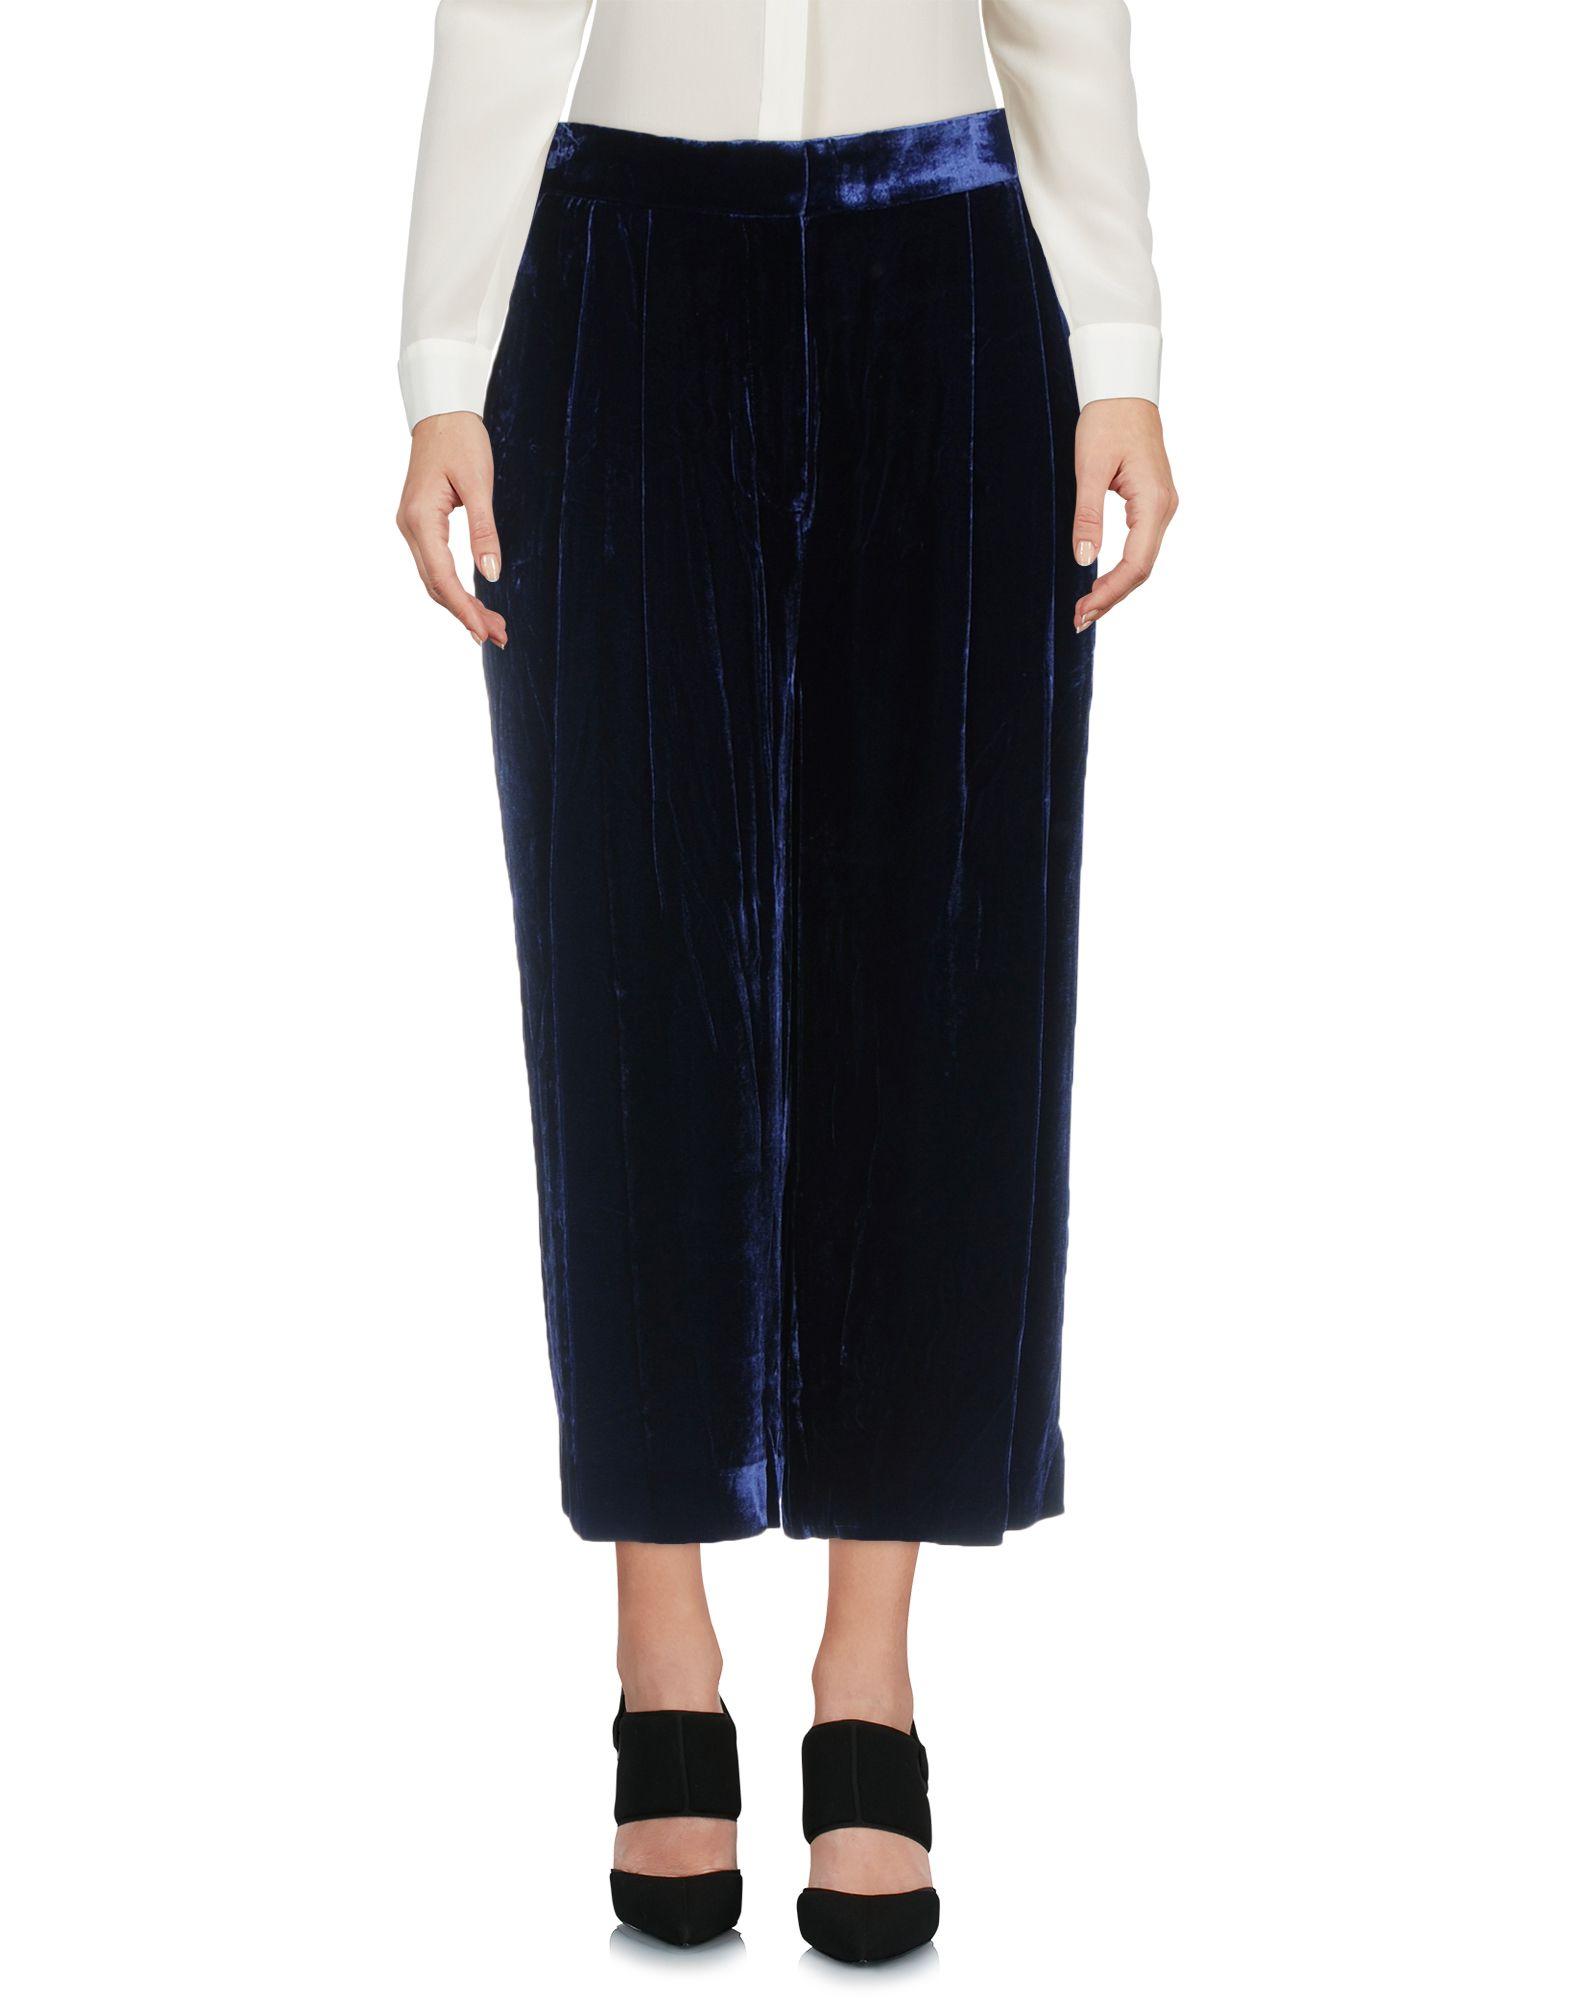 Fashion Shop - TIBI 3/4-length shorts - Item 13172307